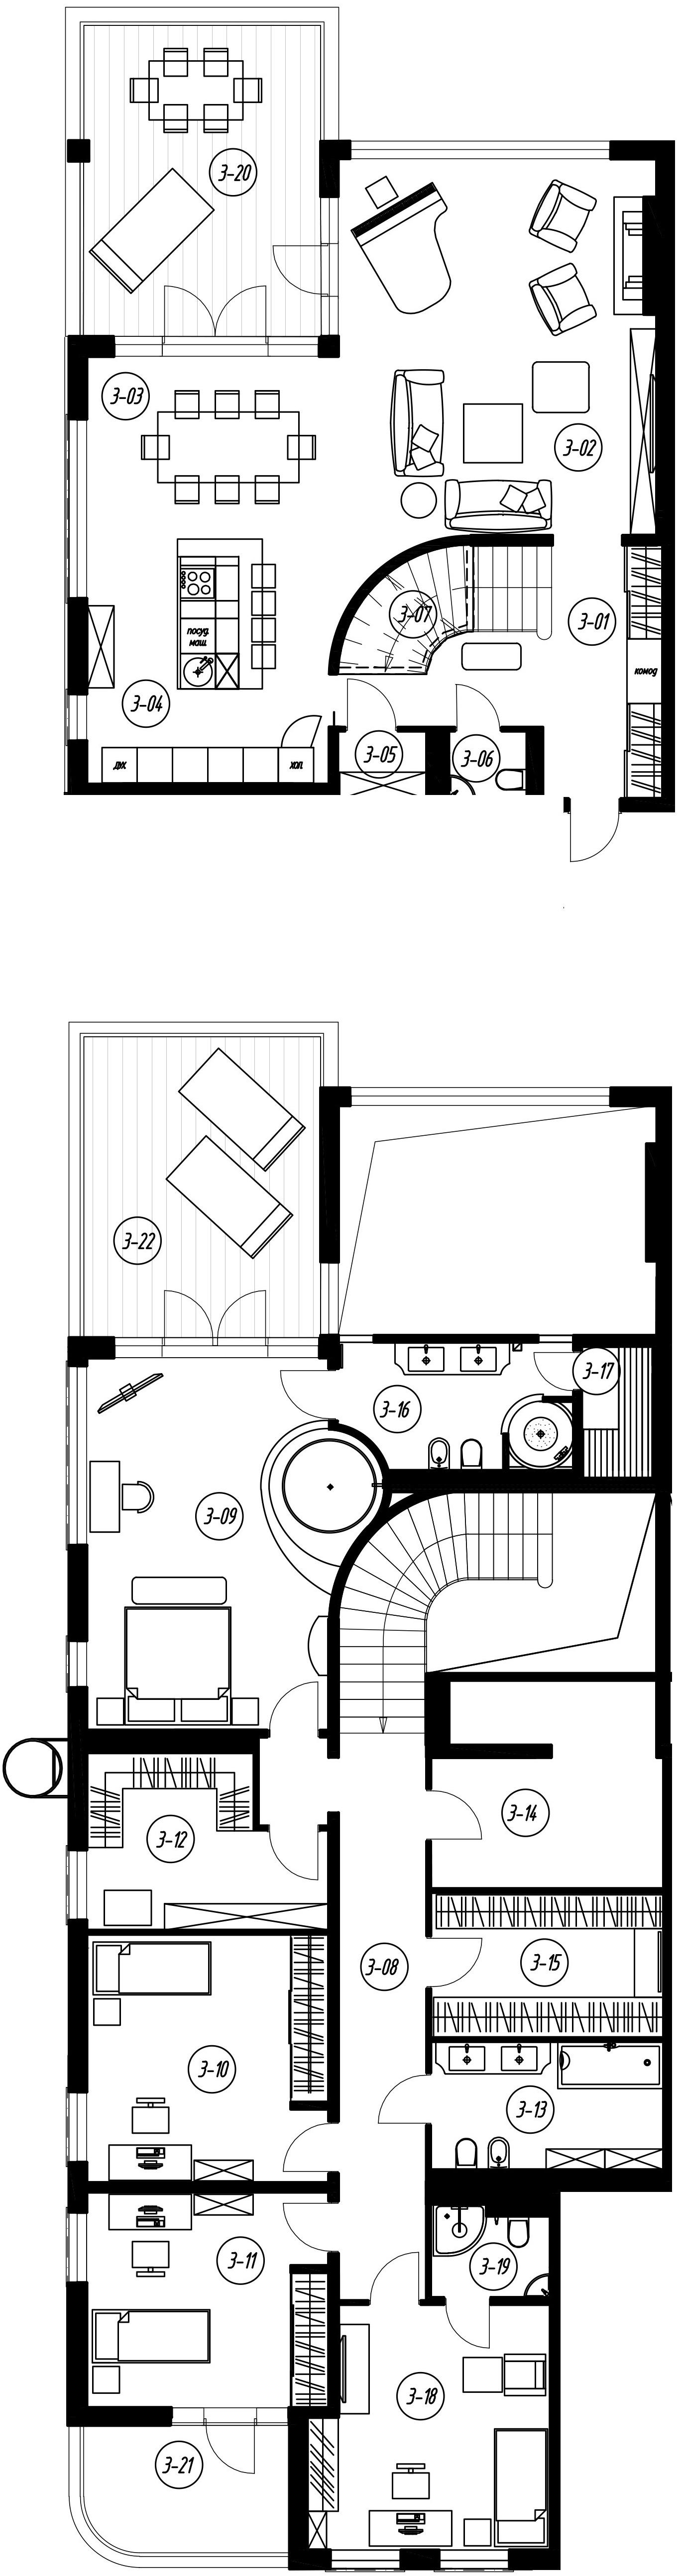 6-комнатная, 285.44 м²– 2